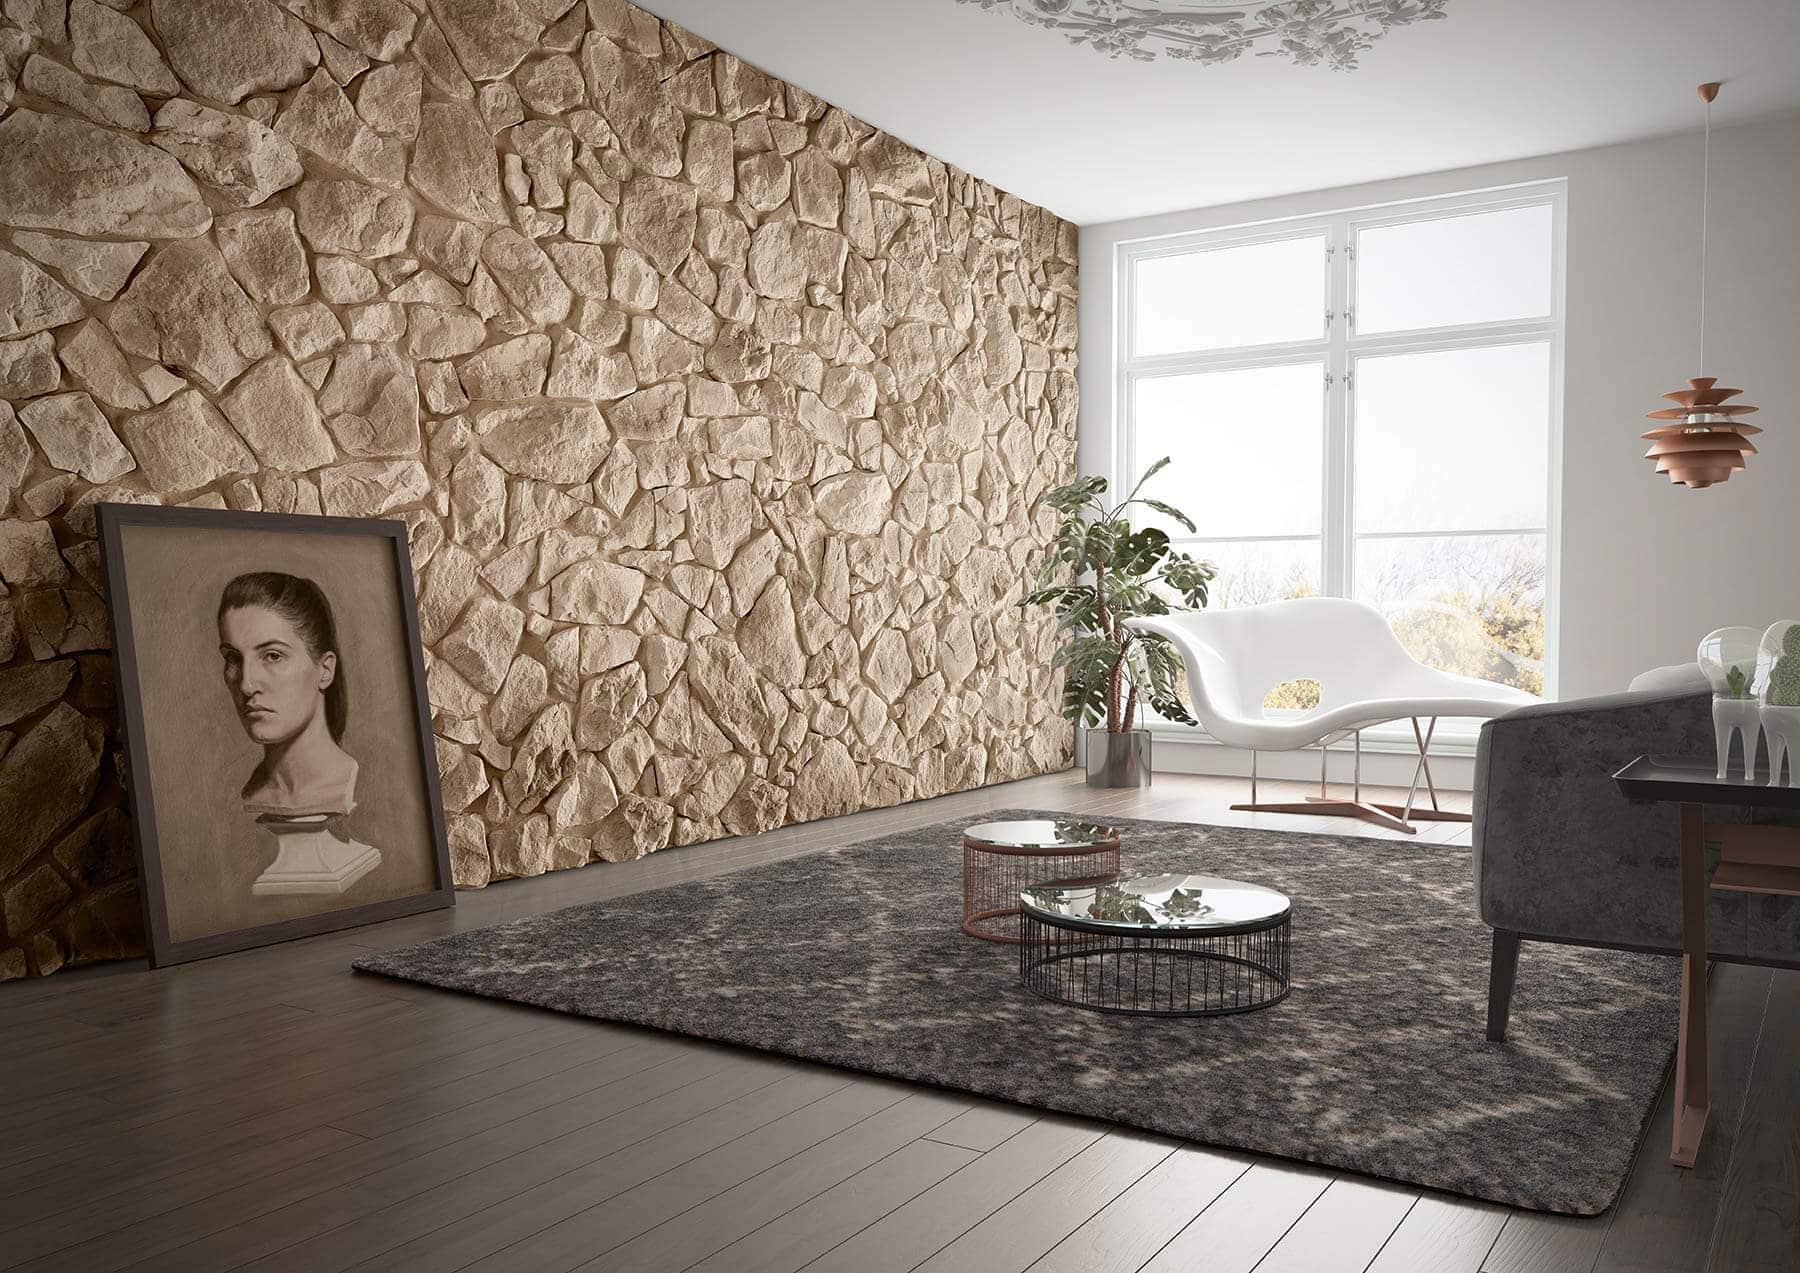 Mur en pierre de parement acl vénus de couleur café